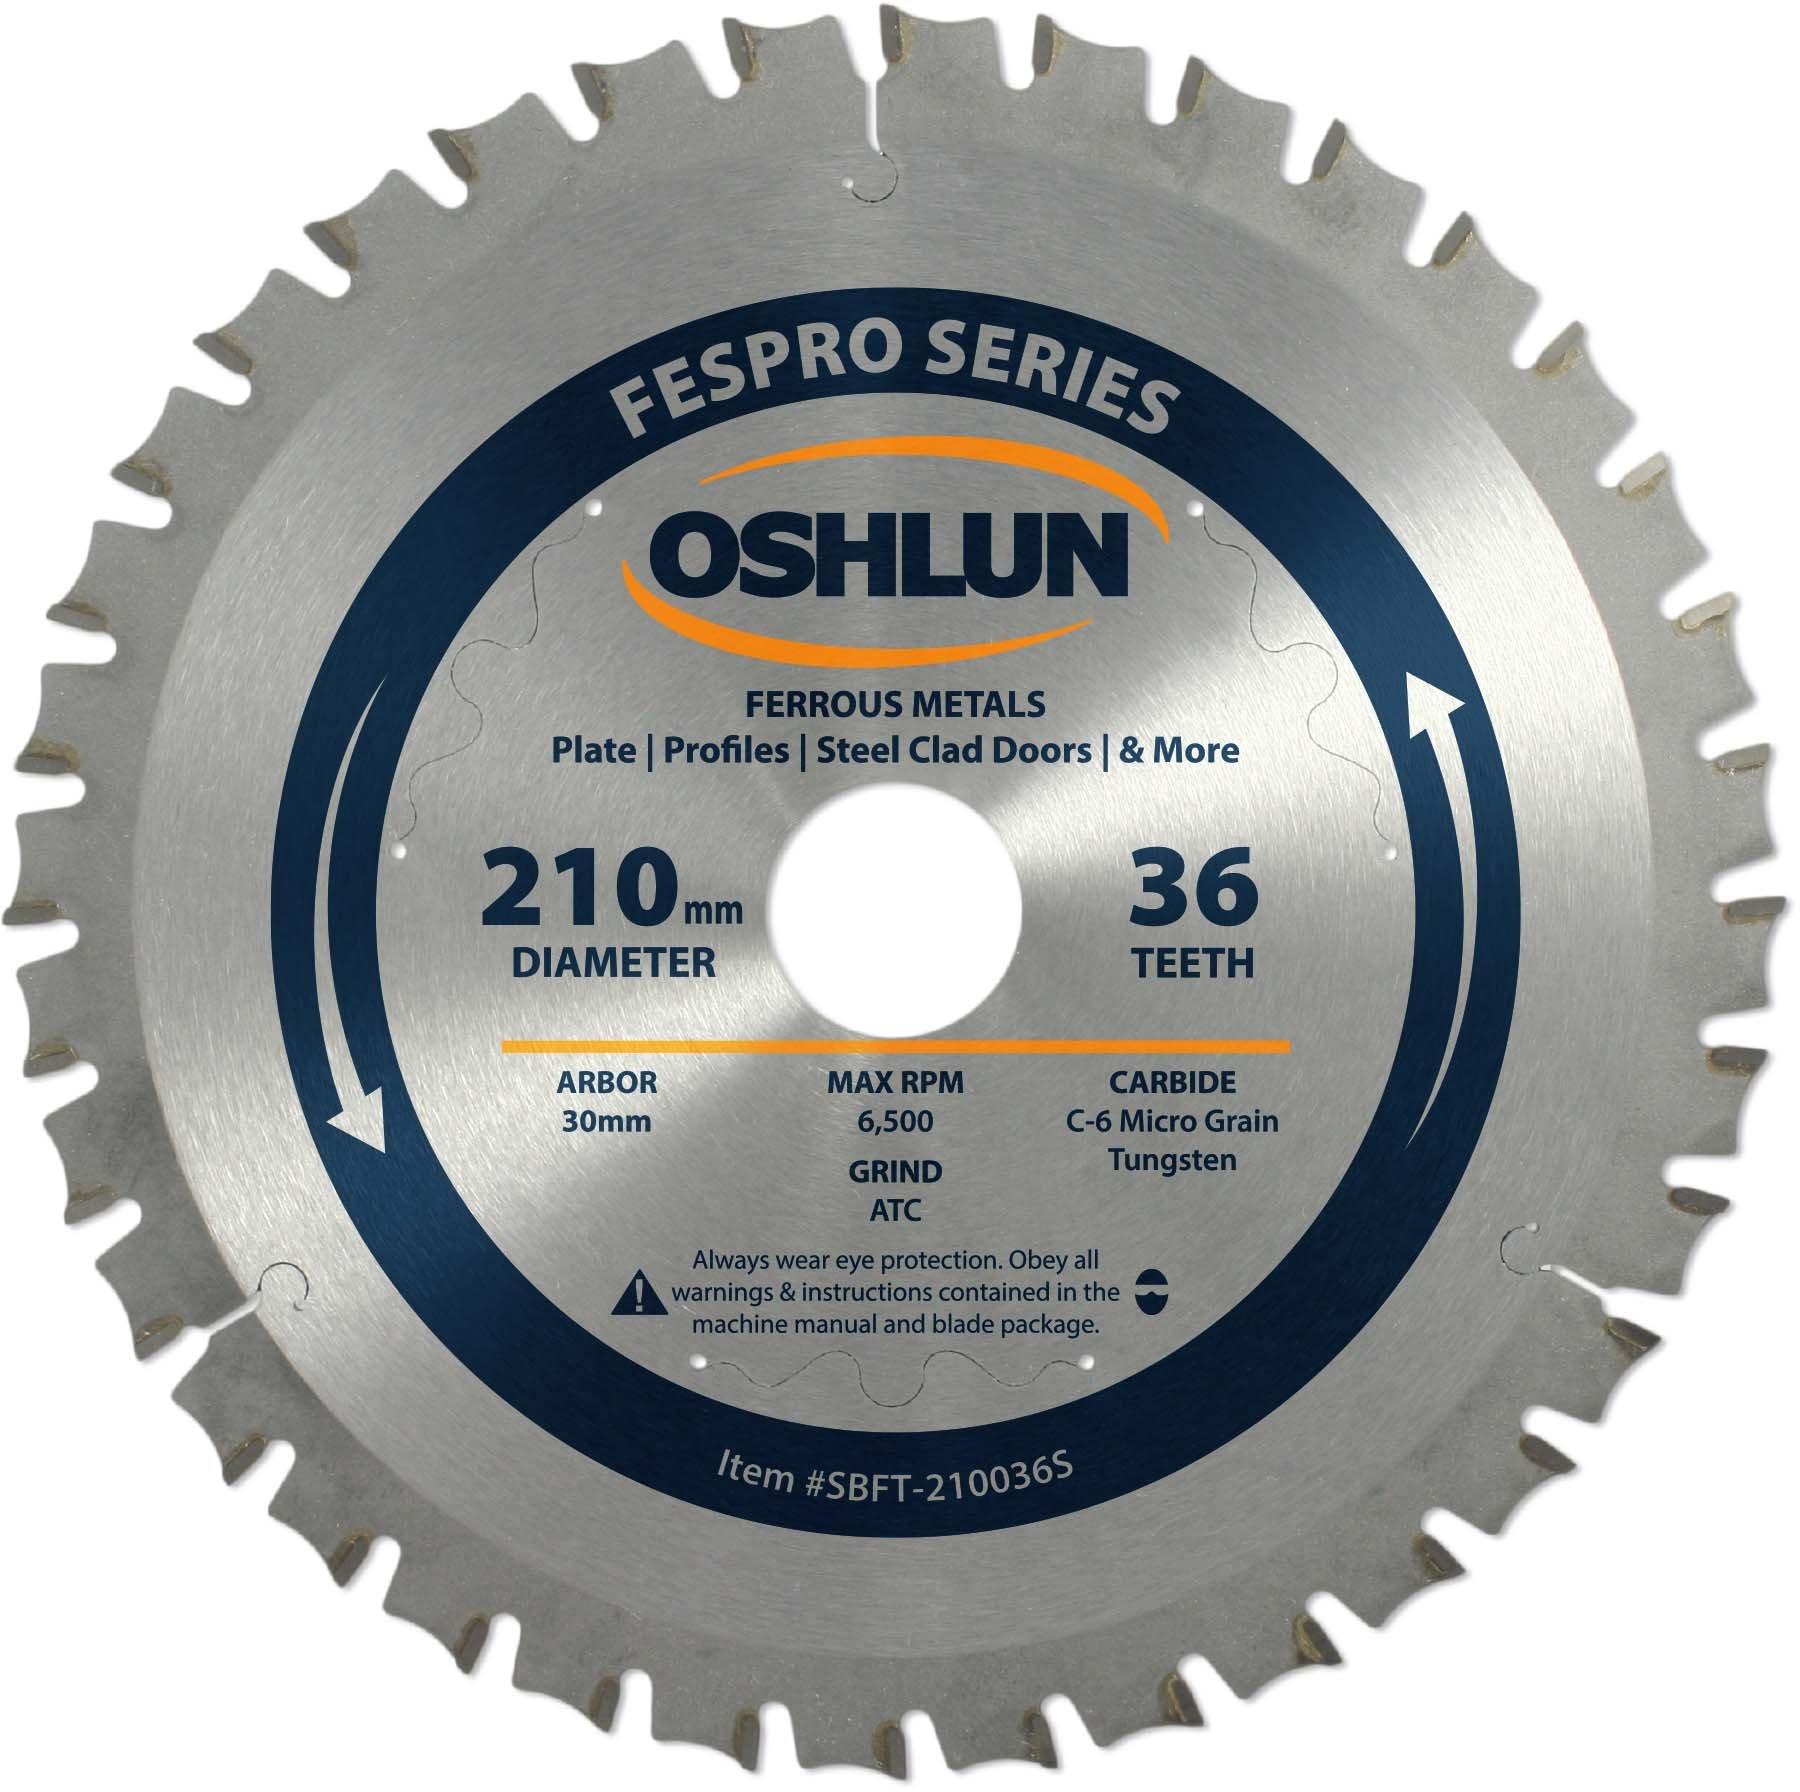 Disco Sierra OSHLUN SBFT 210036S 210mm 36T FesPro Ferrous